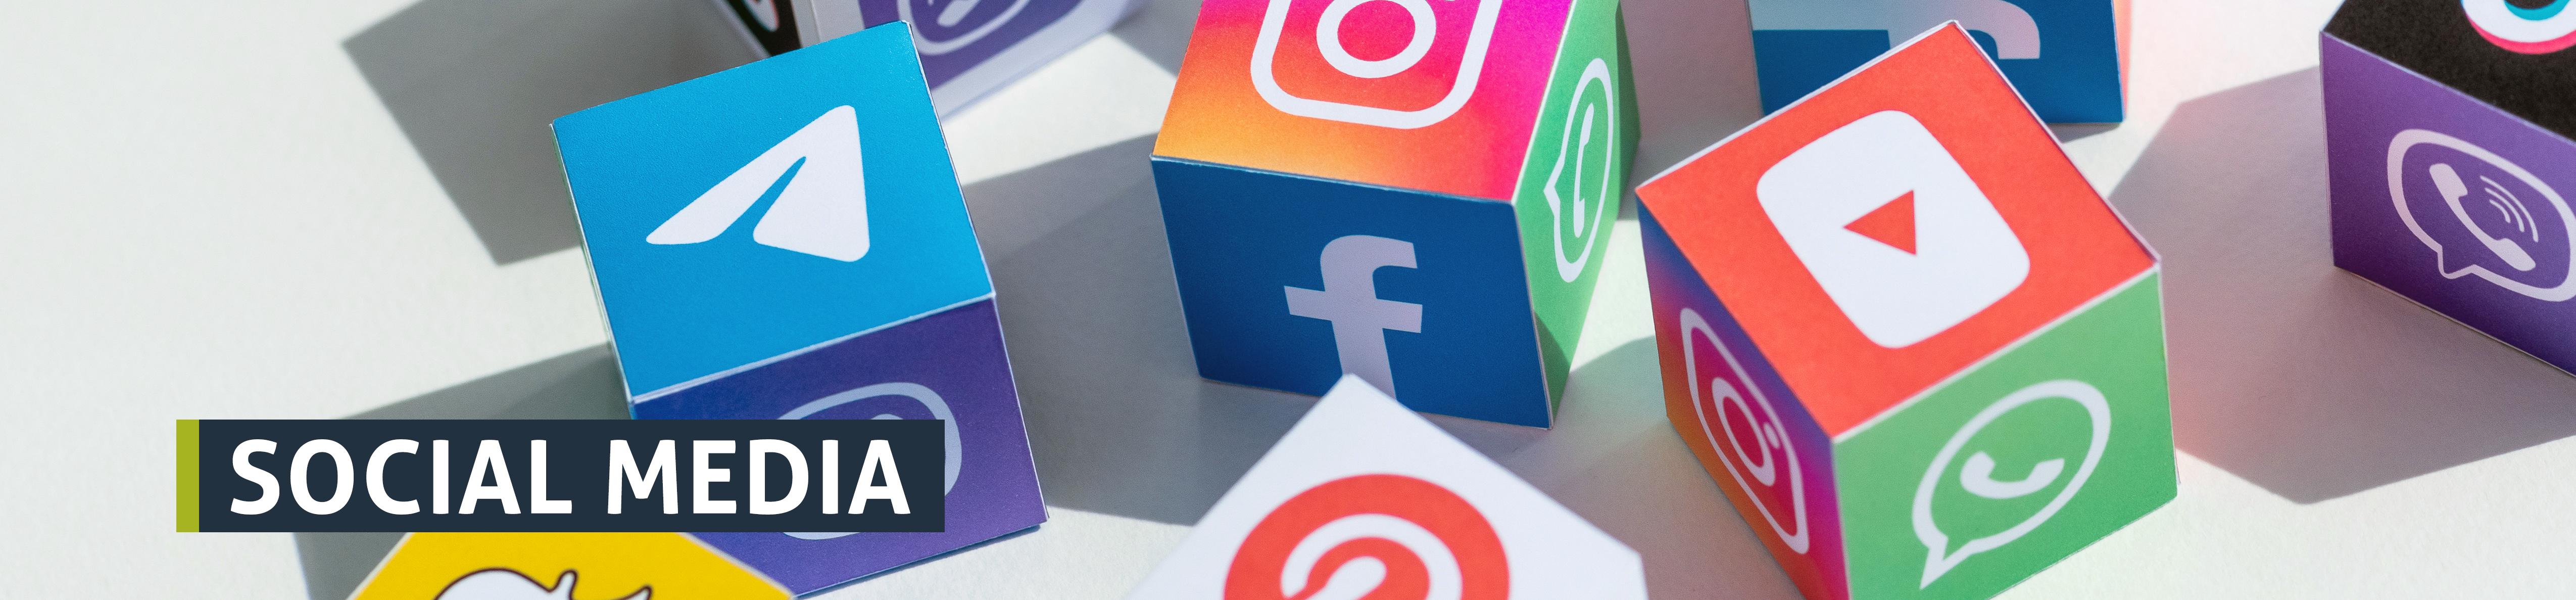 banner-22-socialmedia-txt